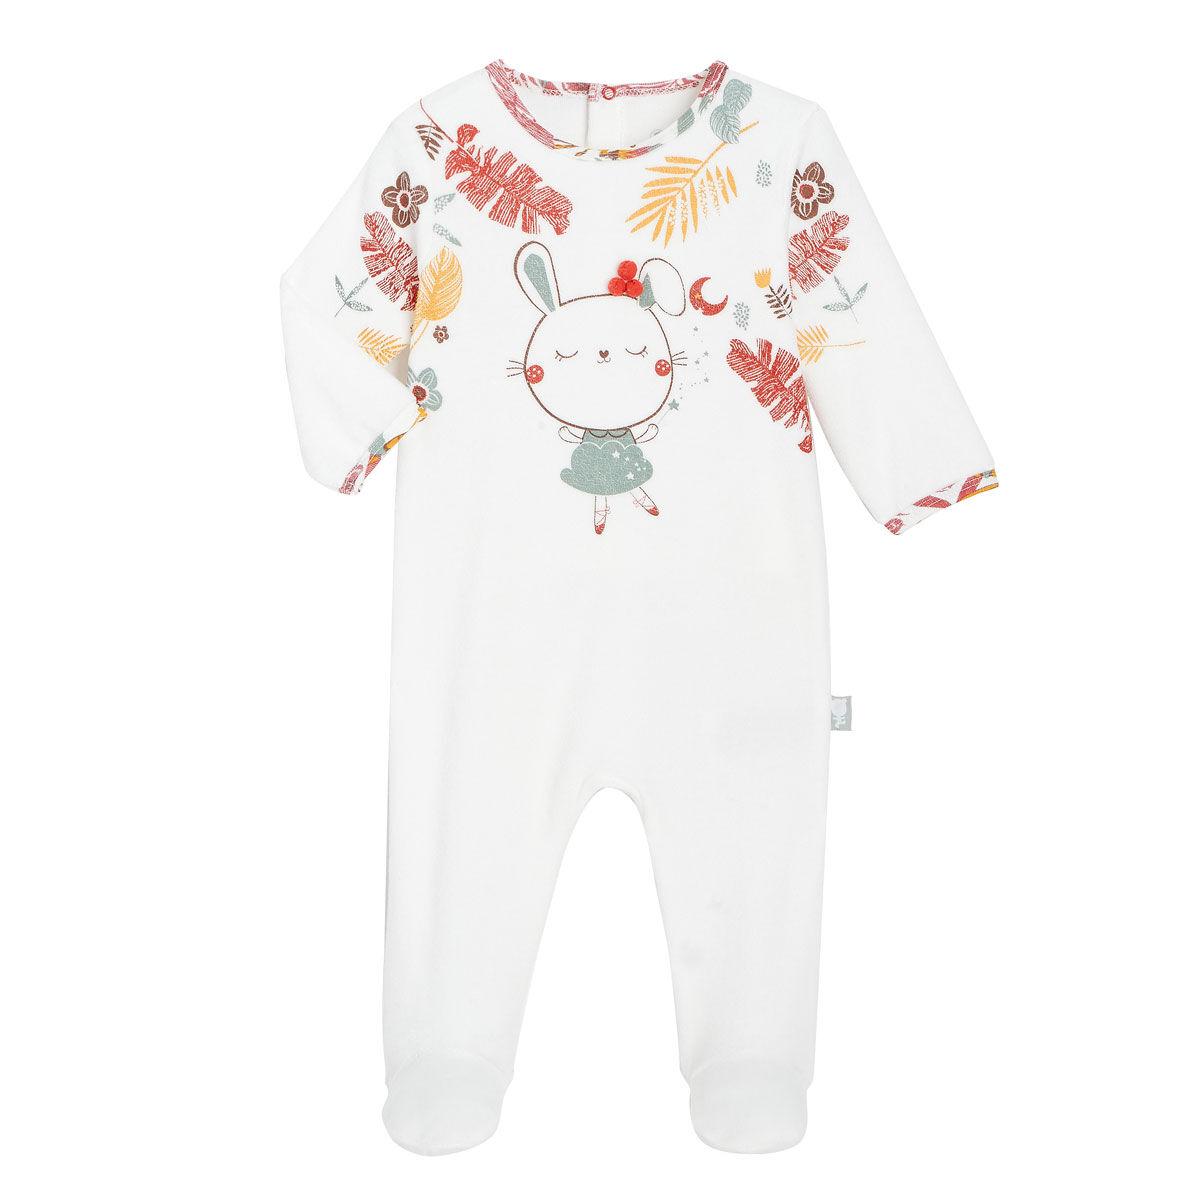 Petit Béguin Pyjama bébé en velours contenant du coton bio BonjourAmour - Taille - 36 mois